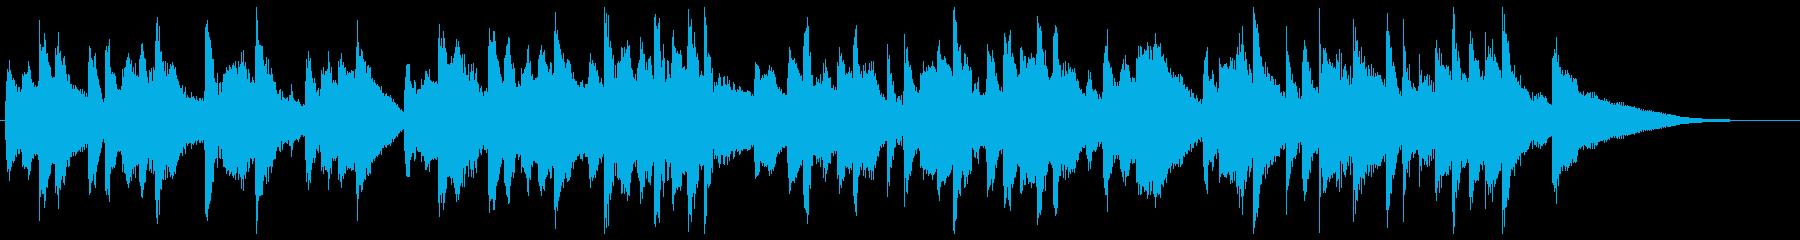 軽快なマリンバが楽しい15秒楽曲の再生済みの波形